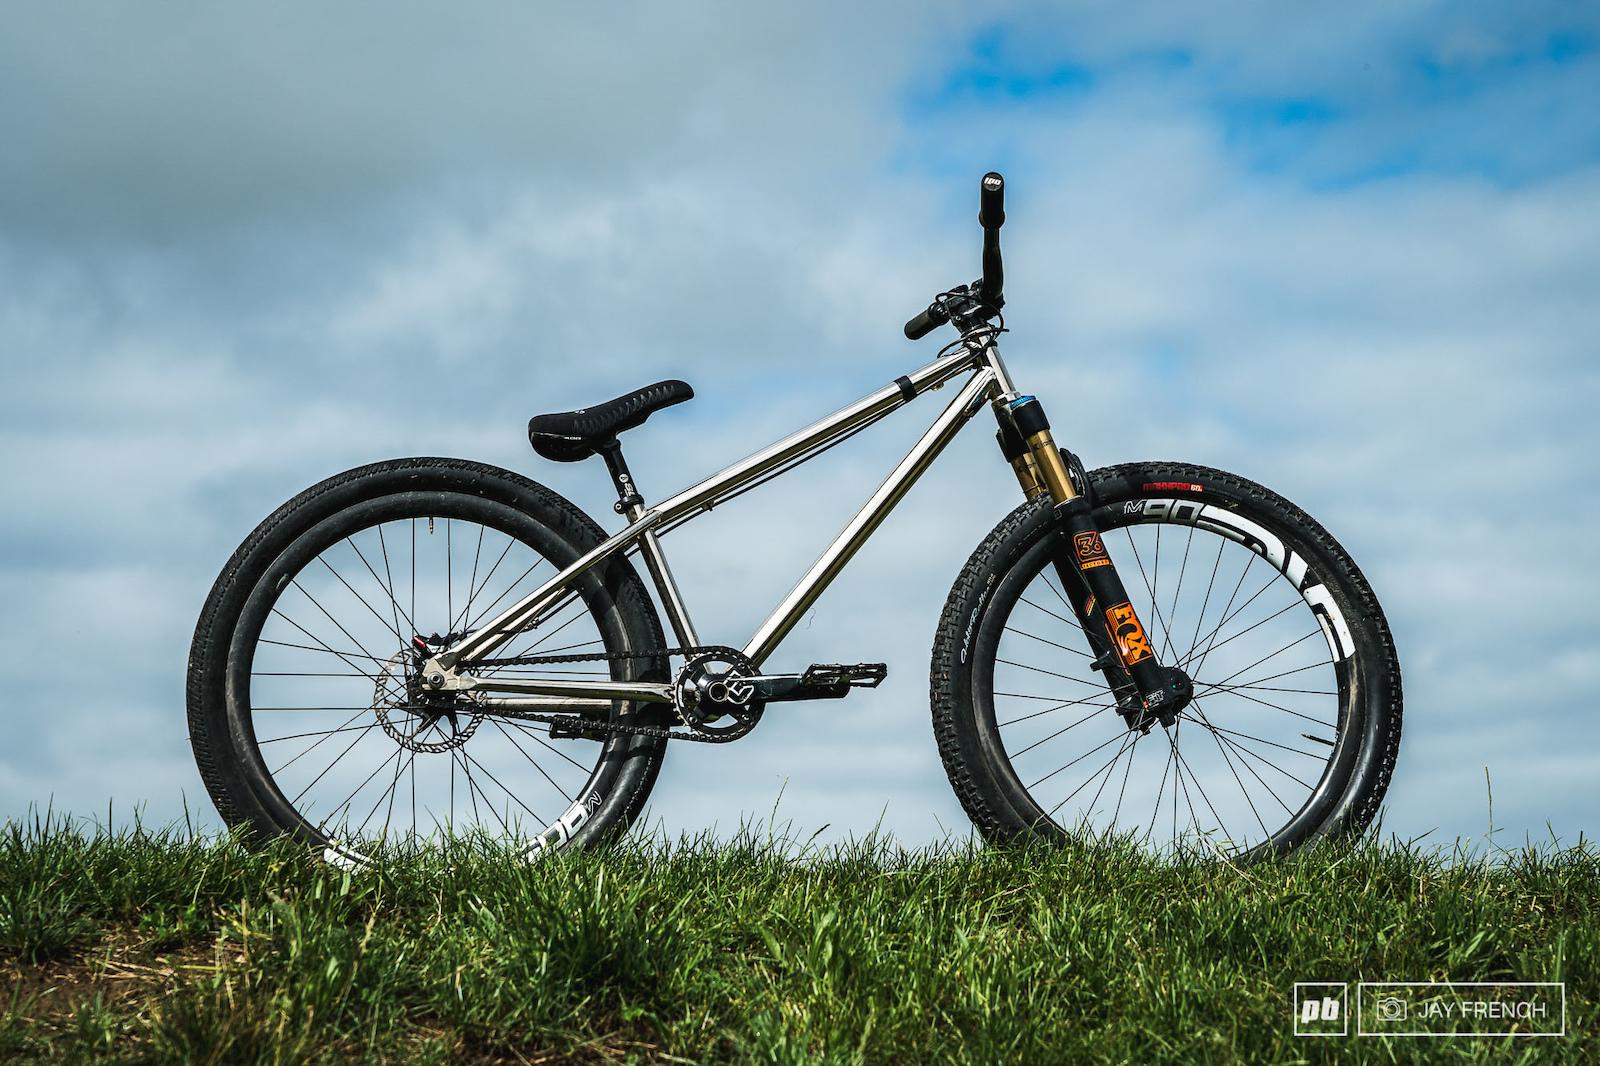 Custom homemade Frame. Enve Rims on Chris King Hubs Tubes tyres 60PSI Fox 36 Forks.